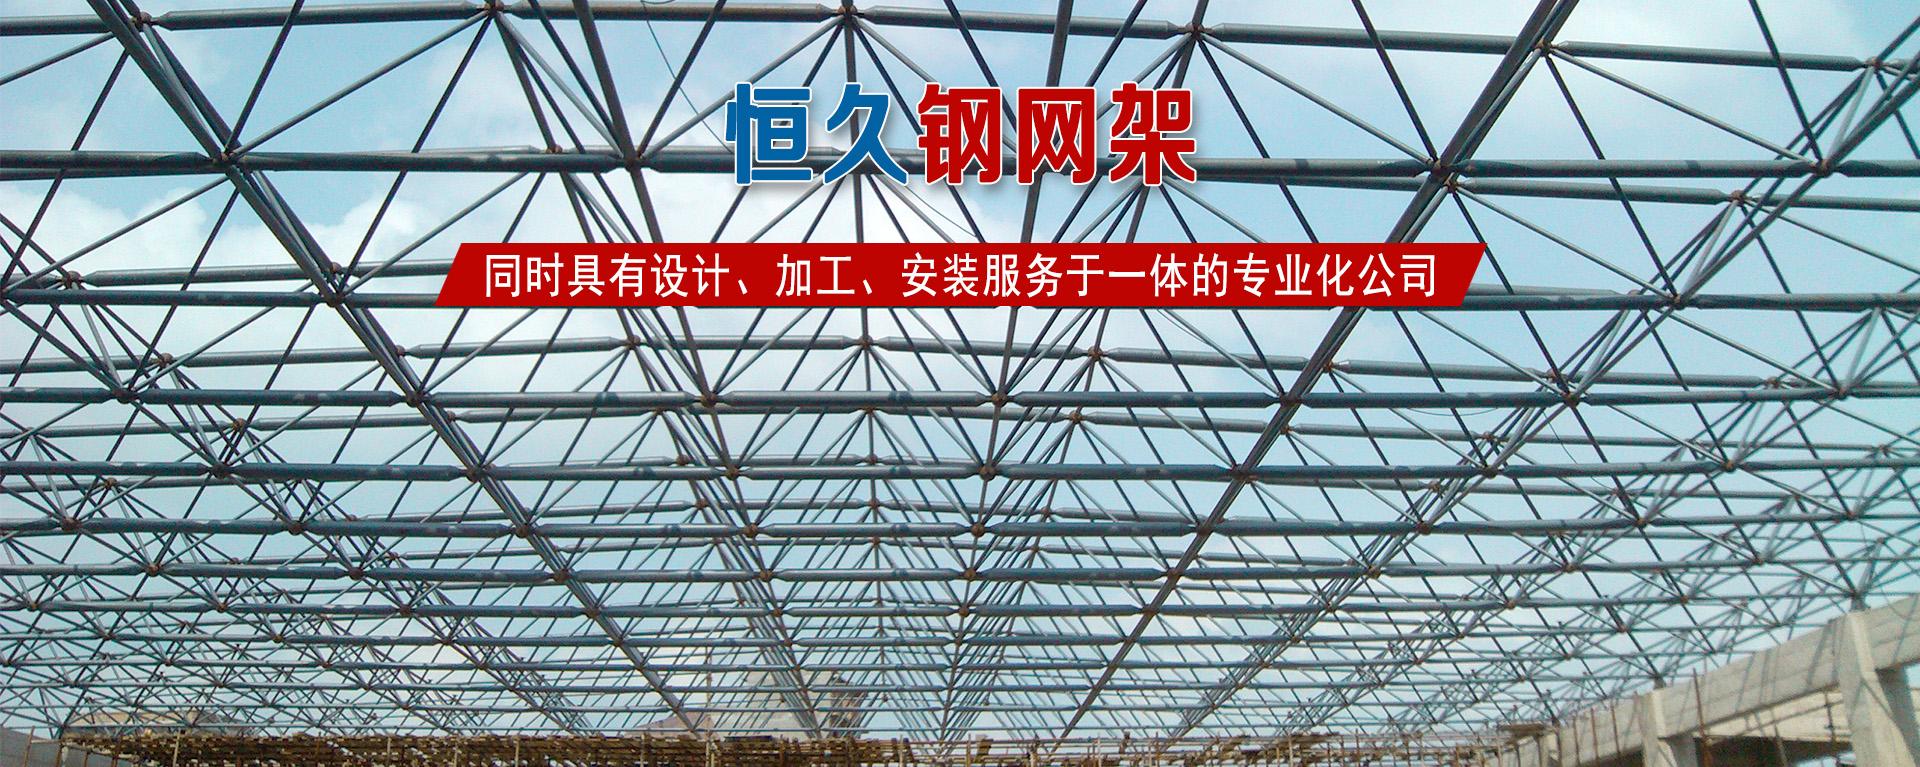 钢网架施工安装